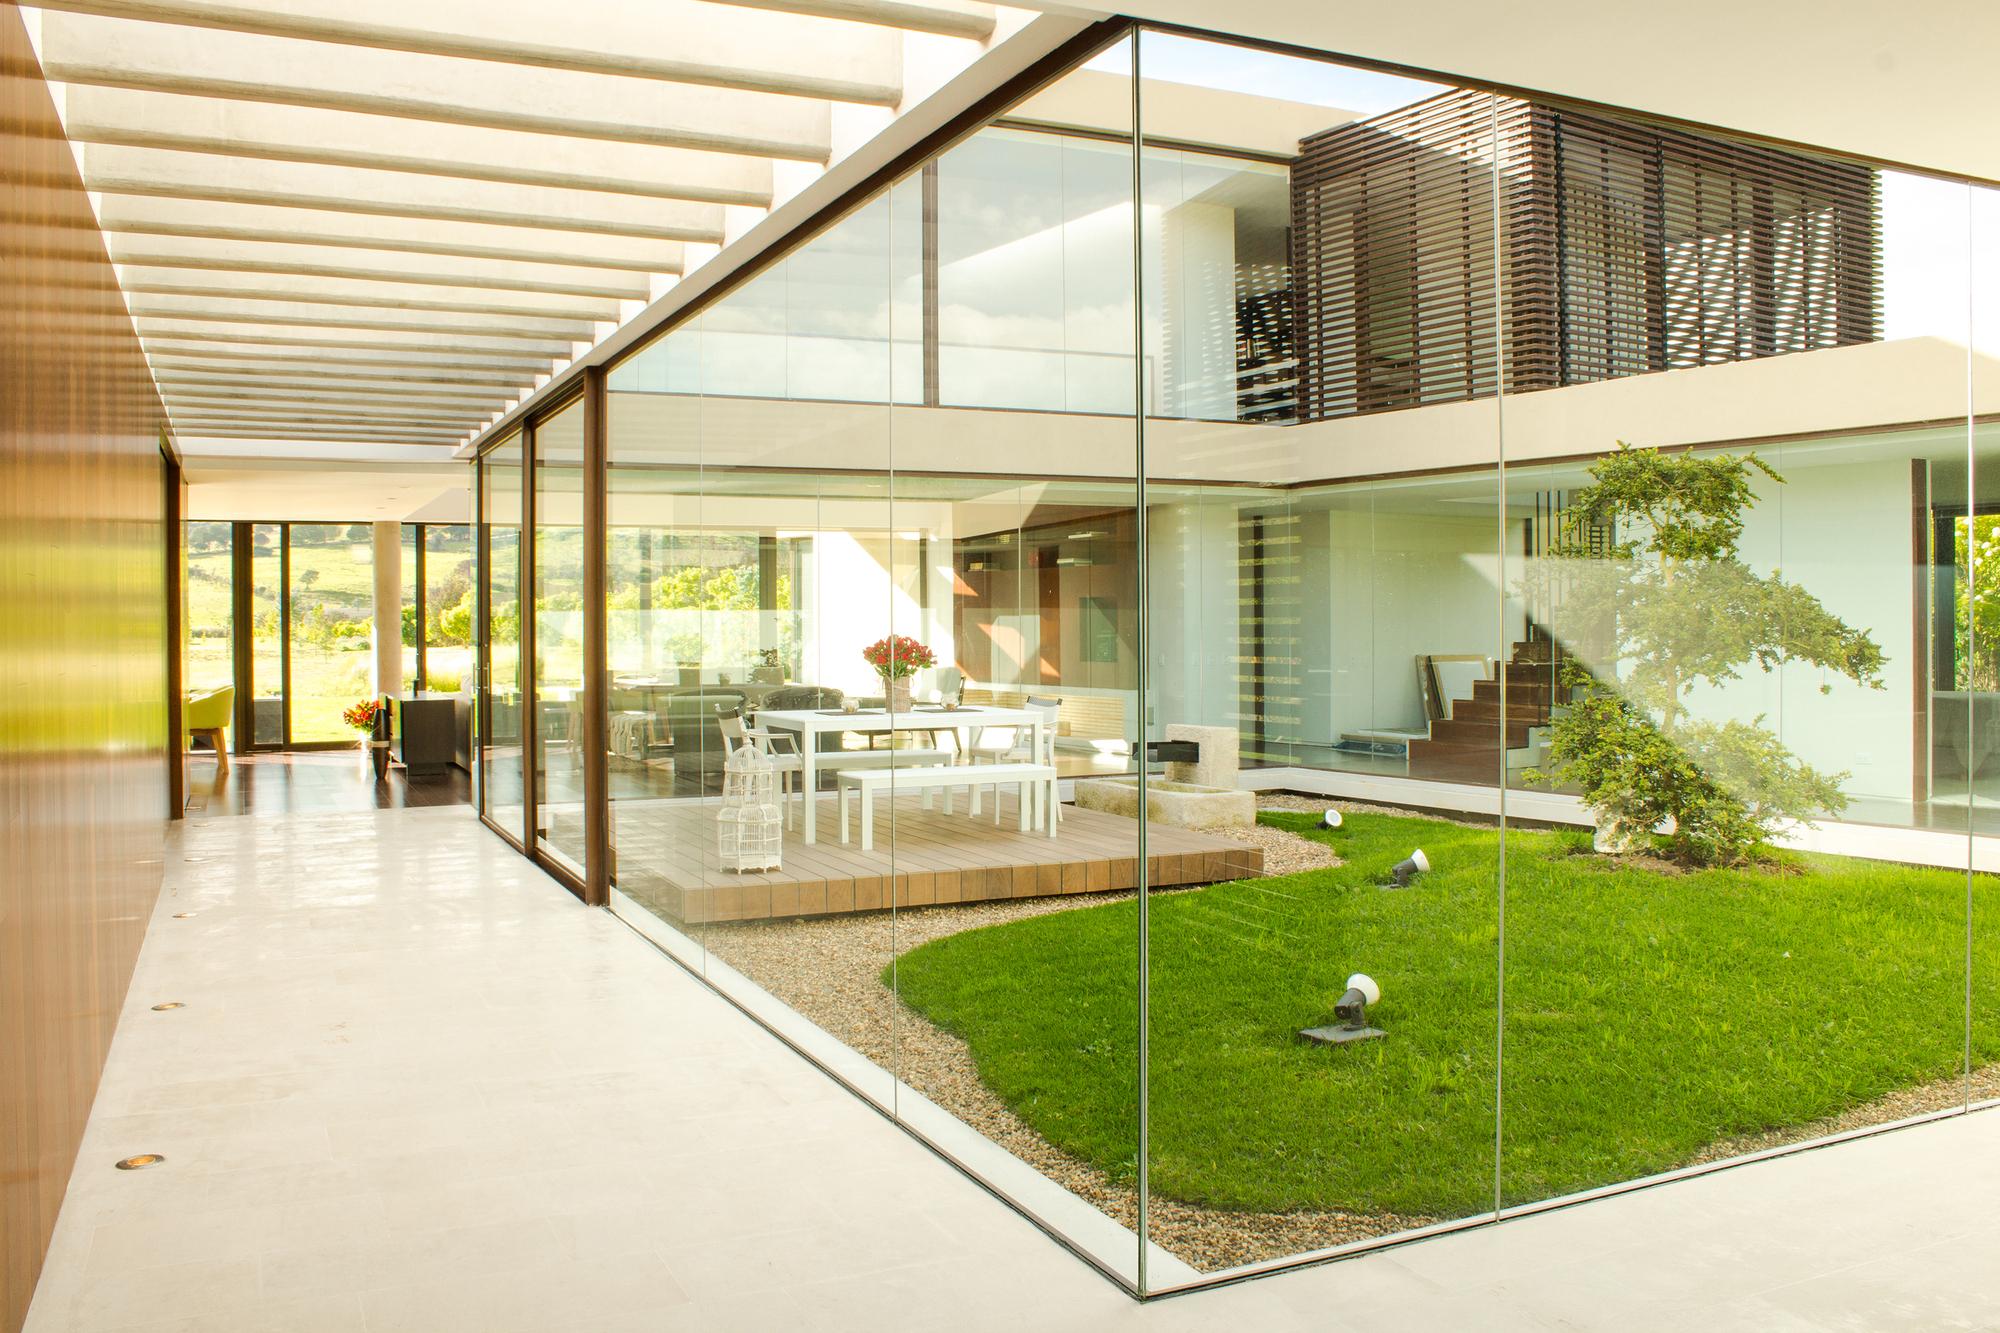 Casa 5 Arquitectura En Estudio ArchDaily